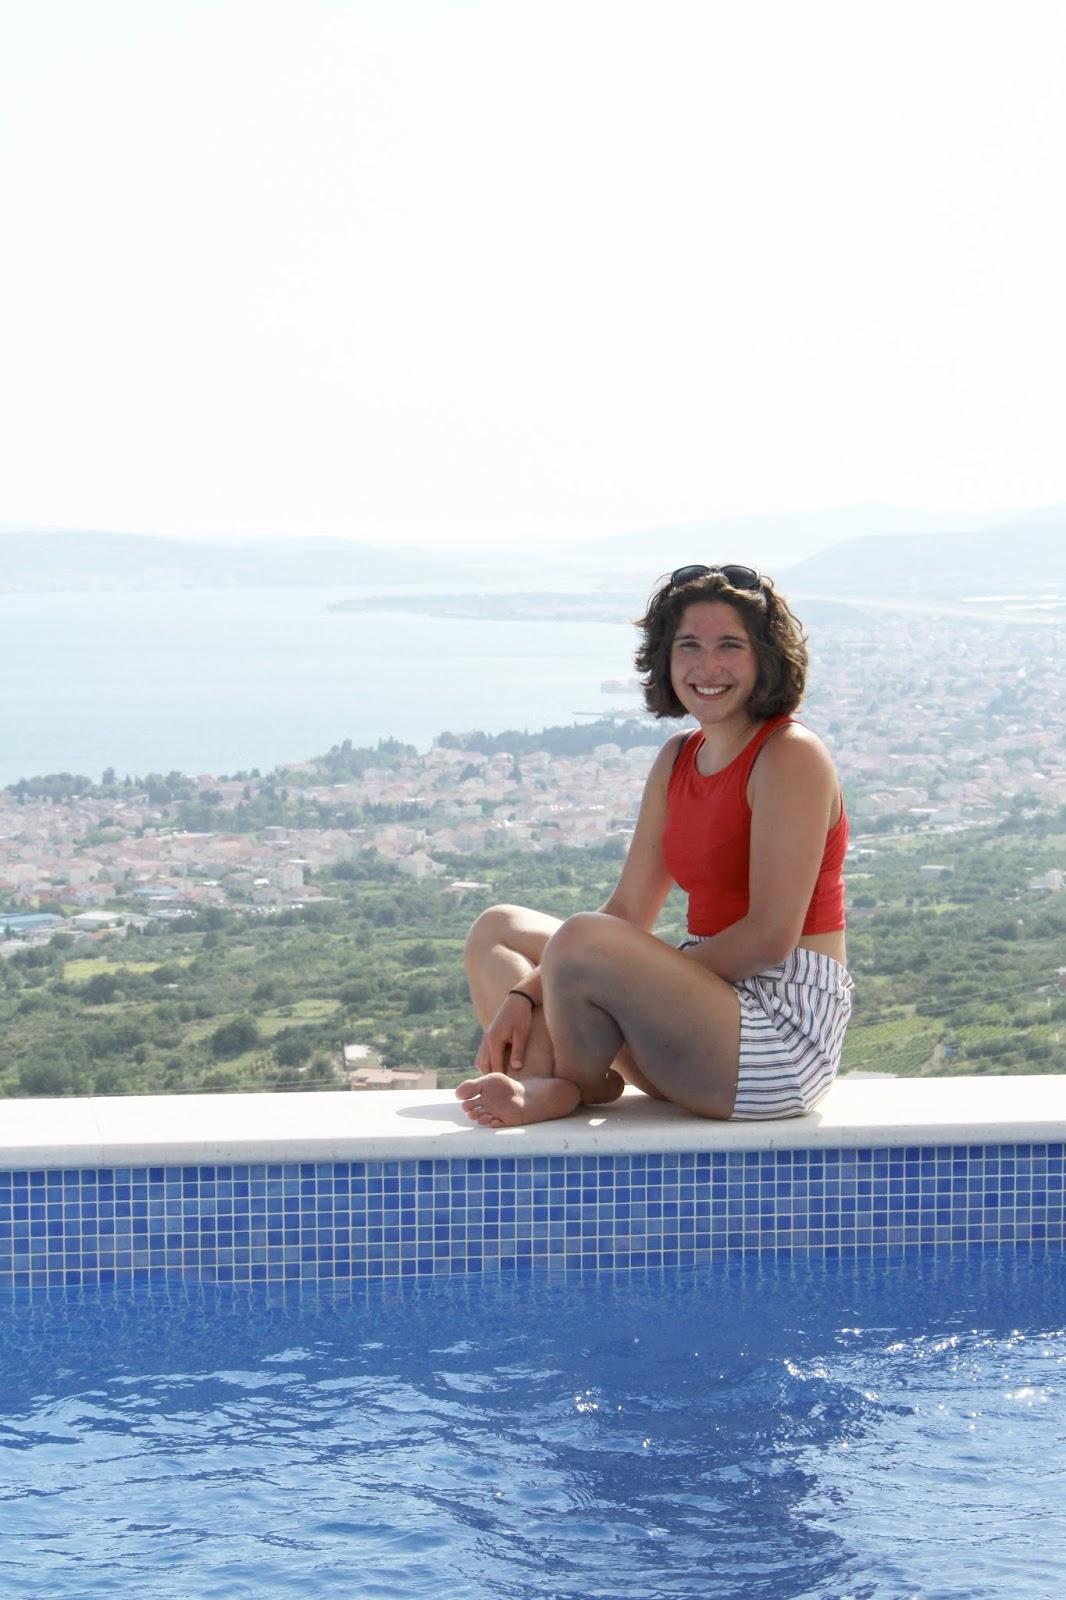 Sophie vor der weiten kroatischen Adria und unserem Pool in Kroatien